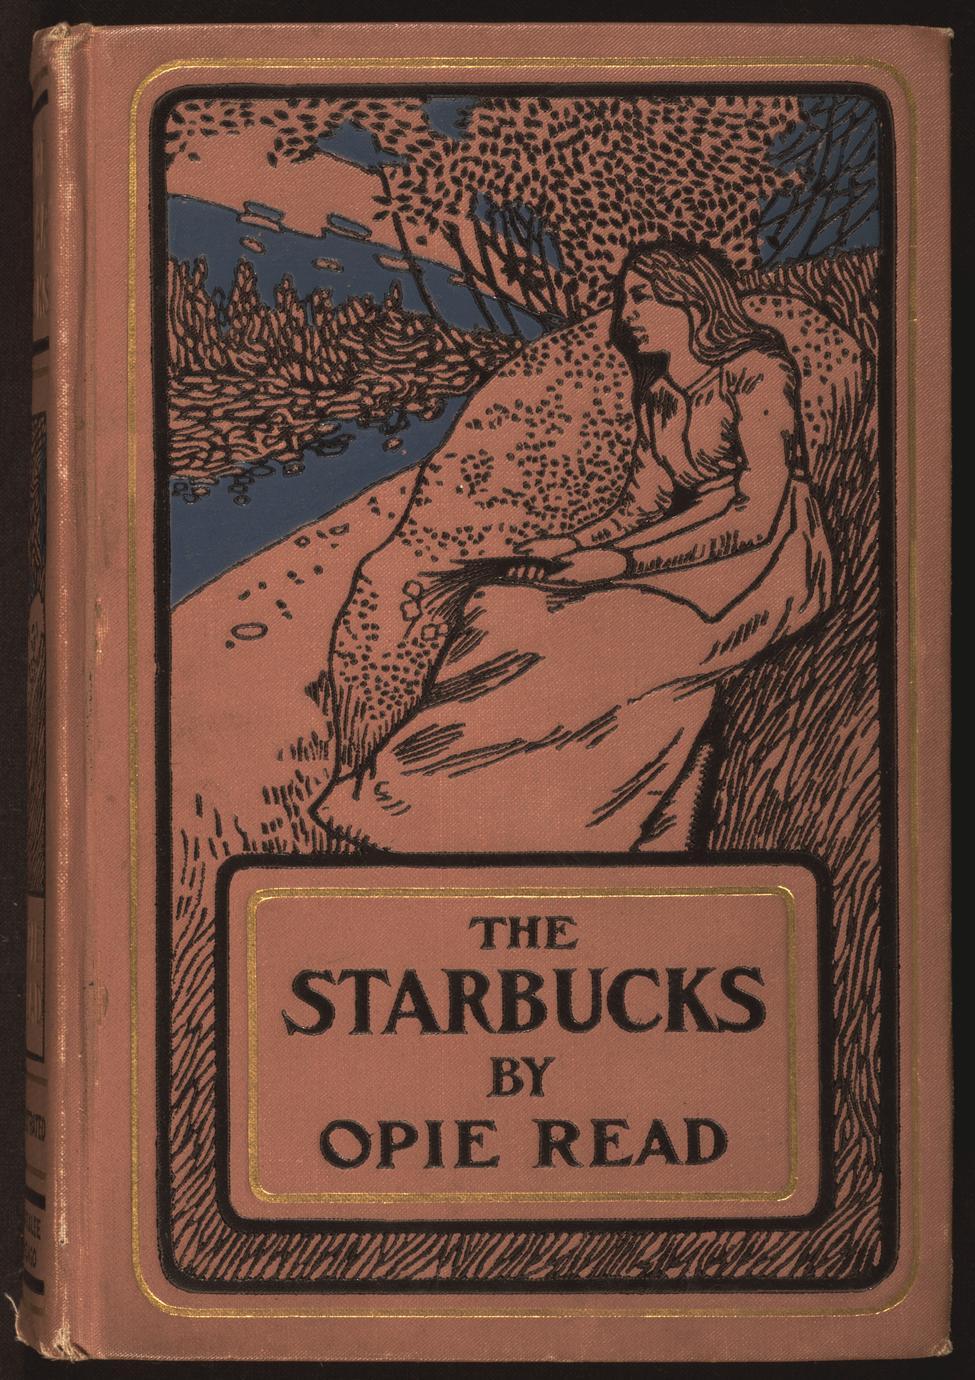 The Starbucks : a novel (1 of 2)